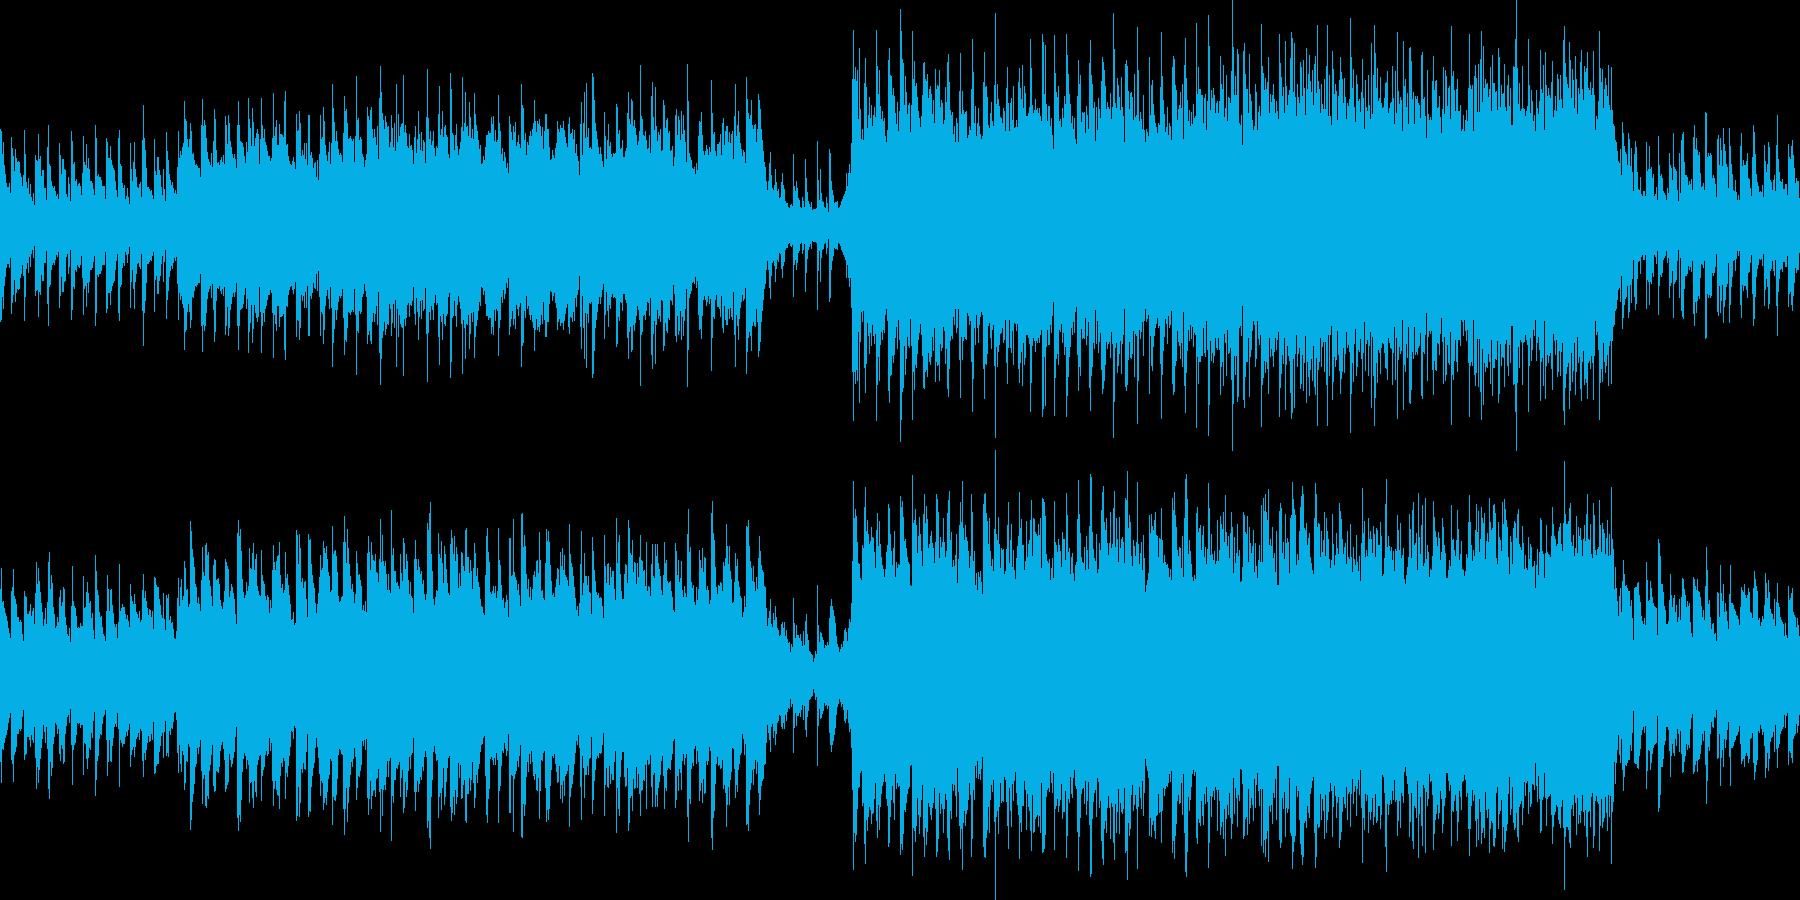 ループ 企業VPやCMにの再生済みの波形